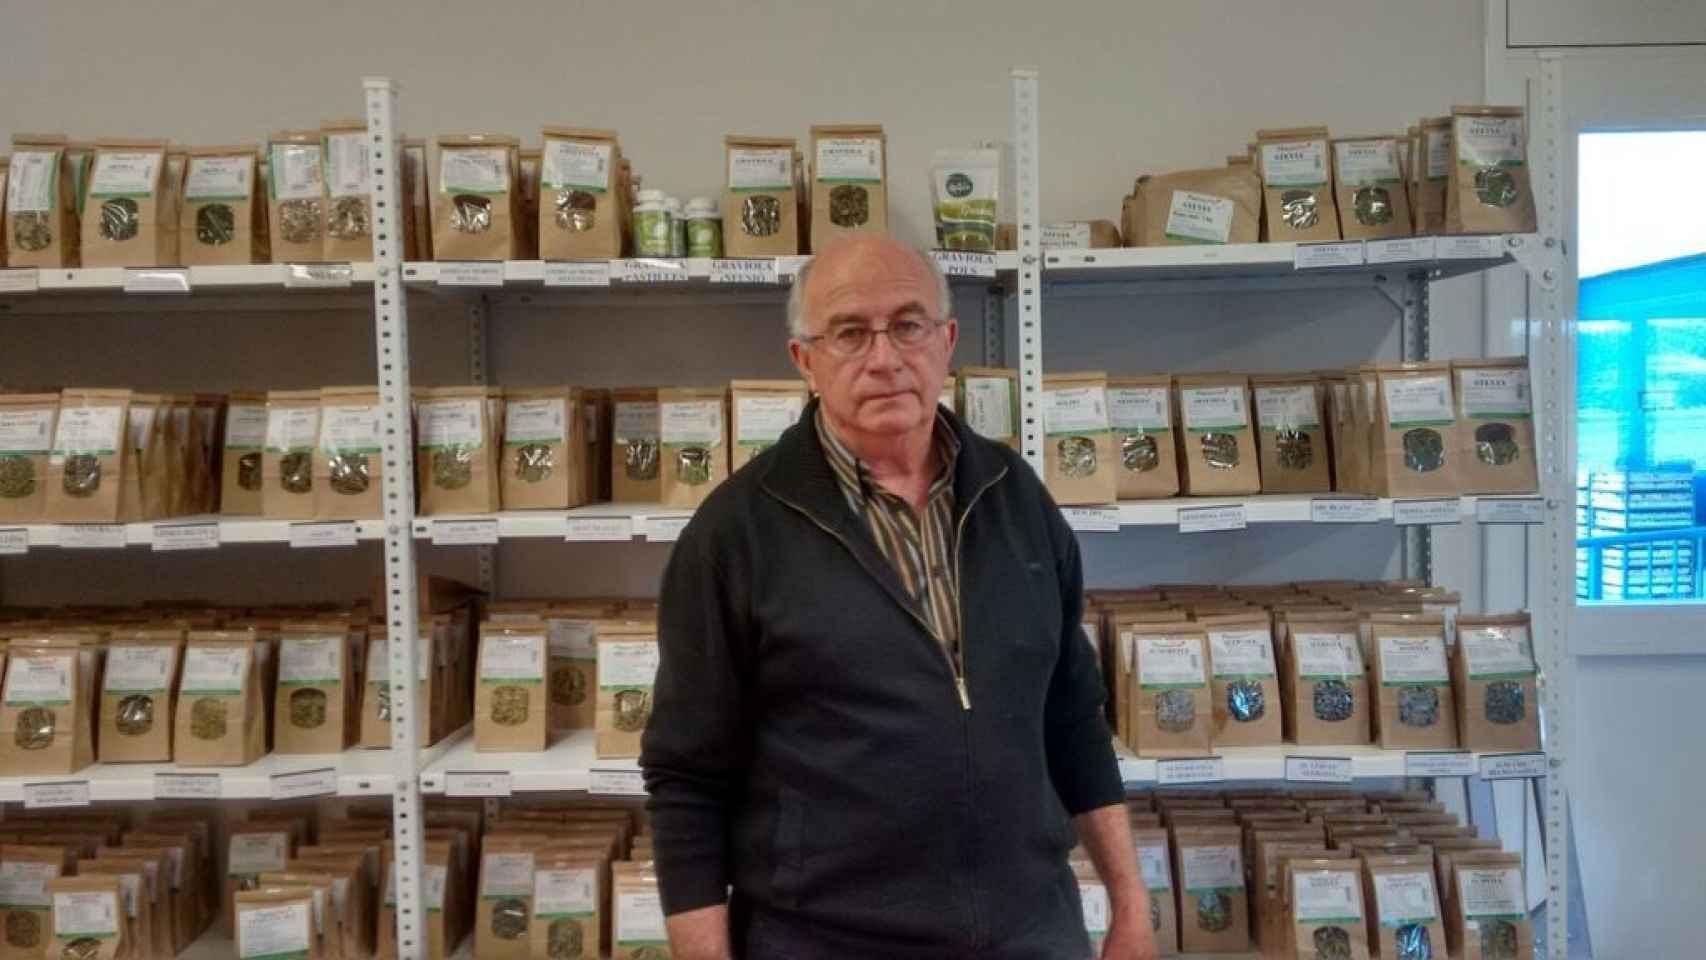 Josep Pàmies. Dice curar el cáncer con hierbas (como el kalanchoe) o el MMS, una lejía industrial utilizada como blanqueante y cuya venta como fármaco está prohibida en España.